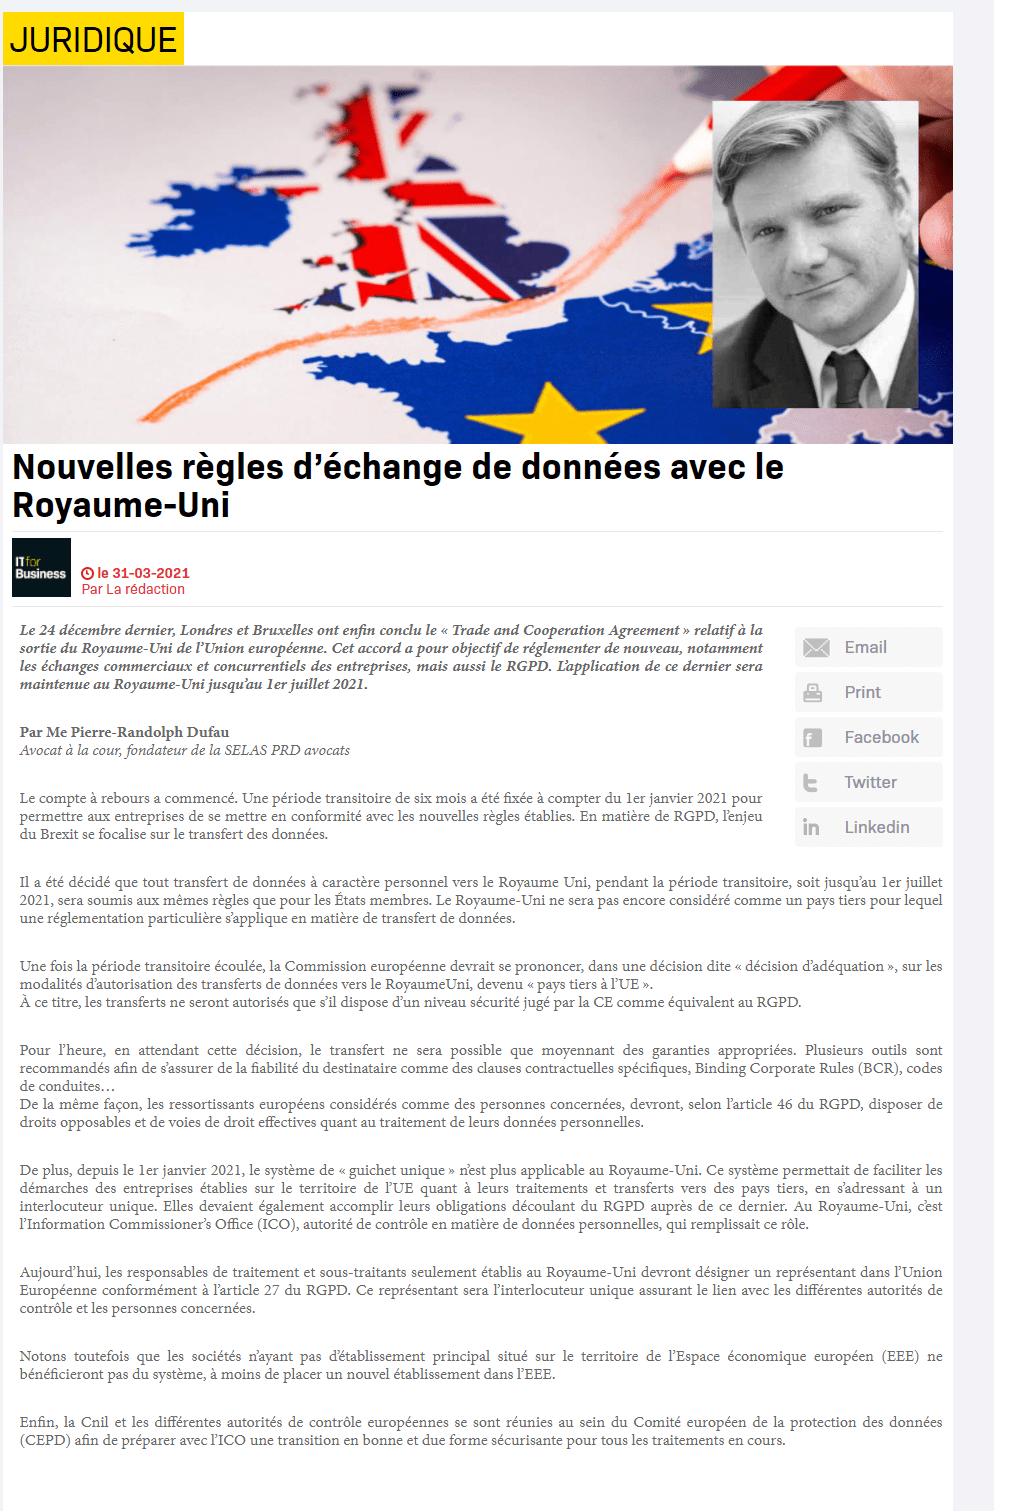 Nuevas normas de intercambio de datos con el Reino Unido